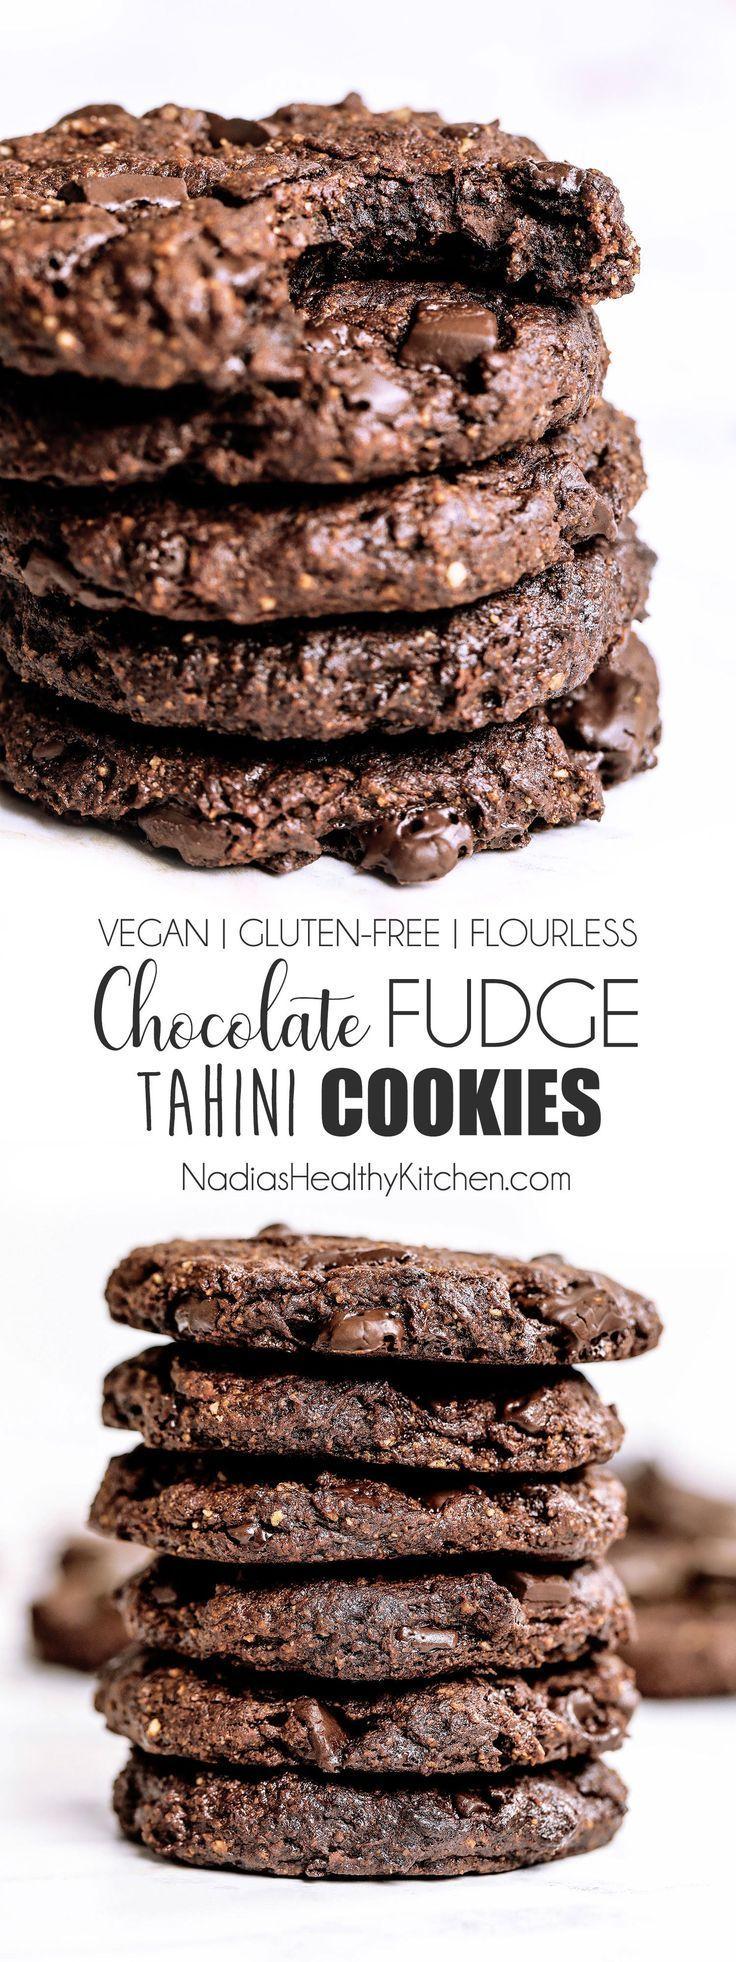 Chocolate Fudge Tahini Cookies   - VEGAN RECIPES -